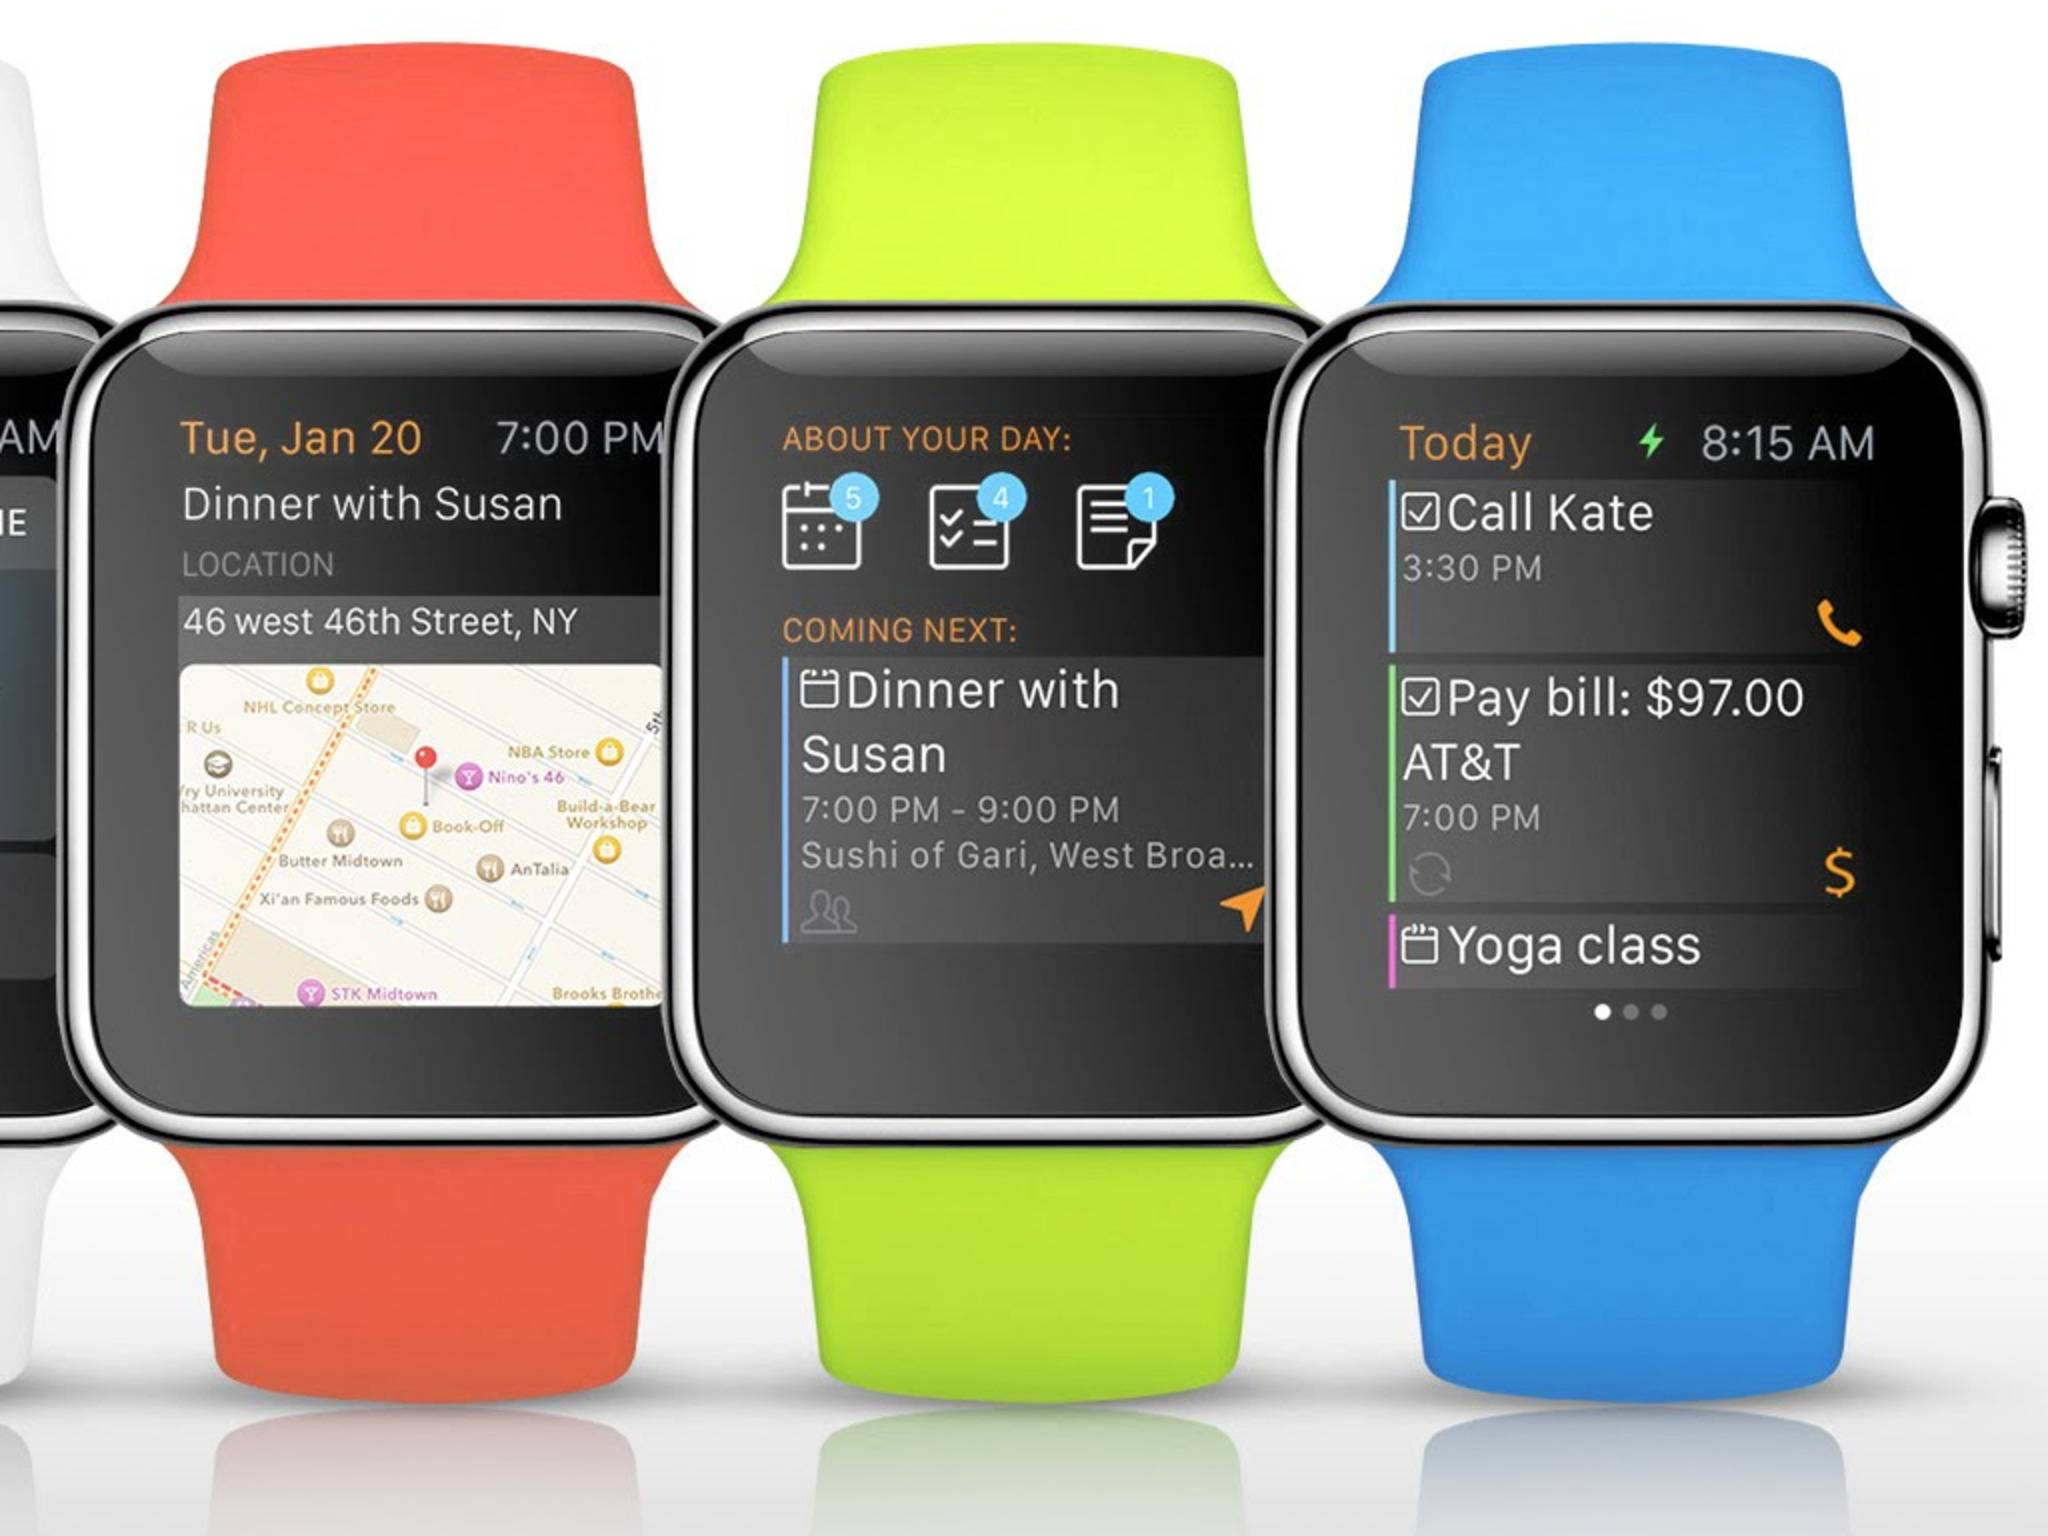 Mit GPS-Sensor könnte die Apple Watch den Ort genauer bestimmen.